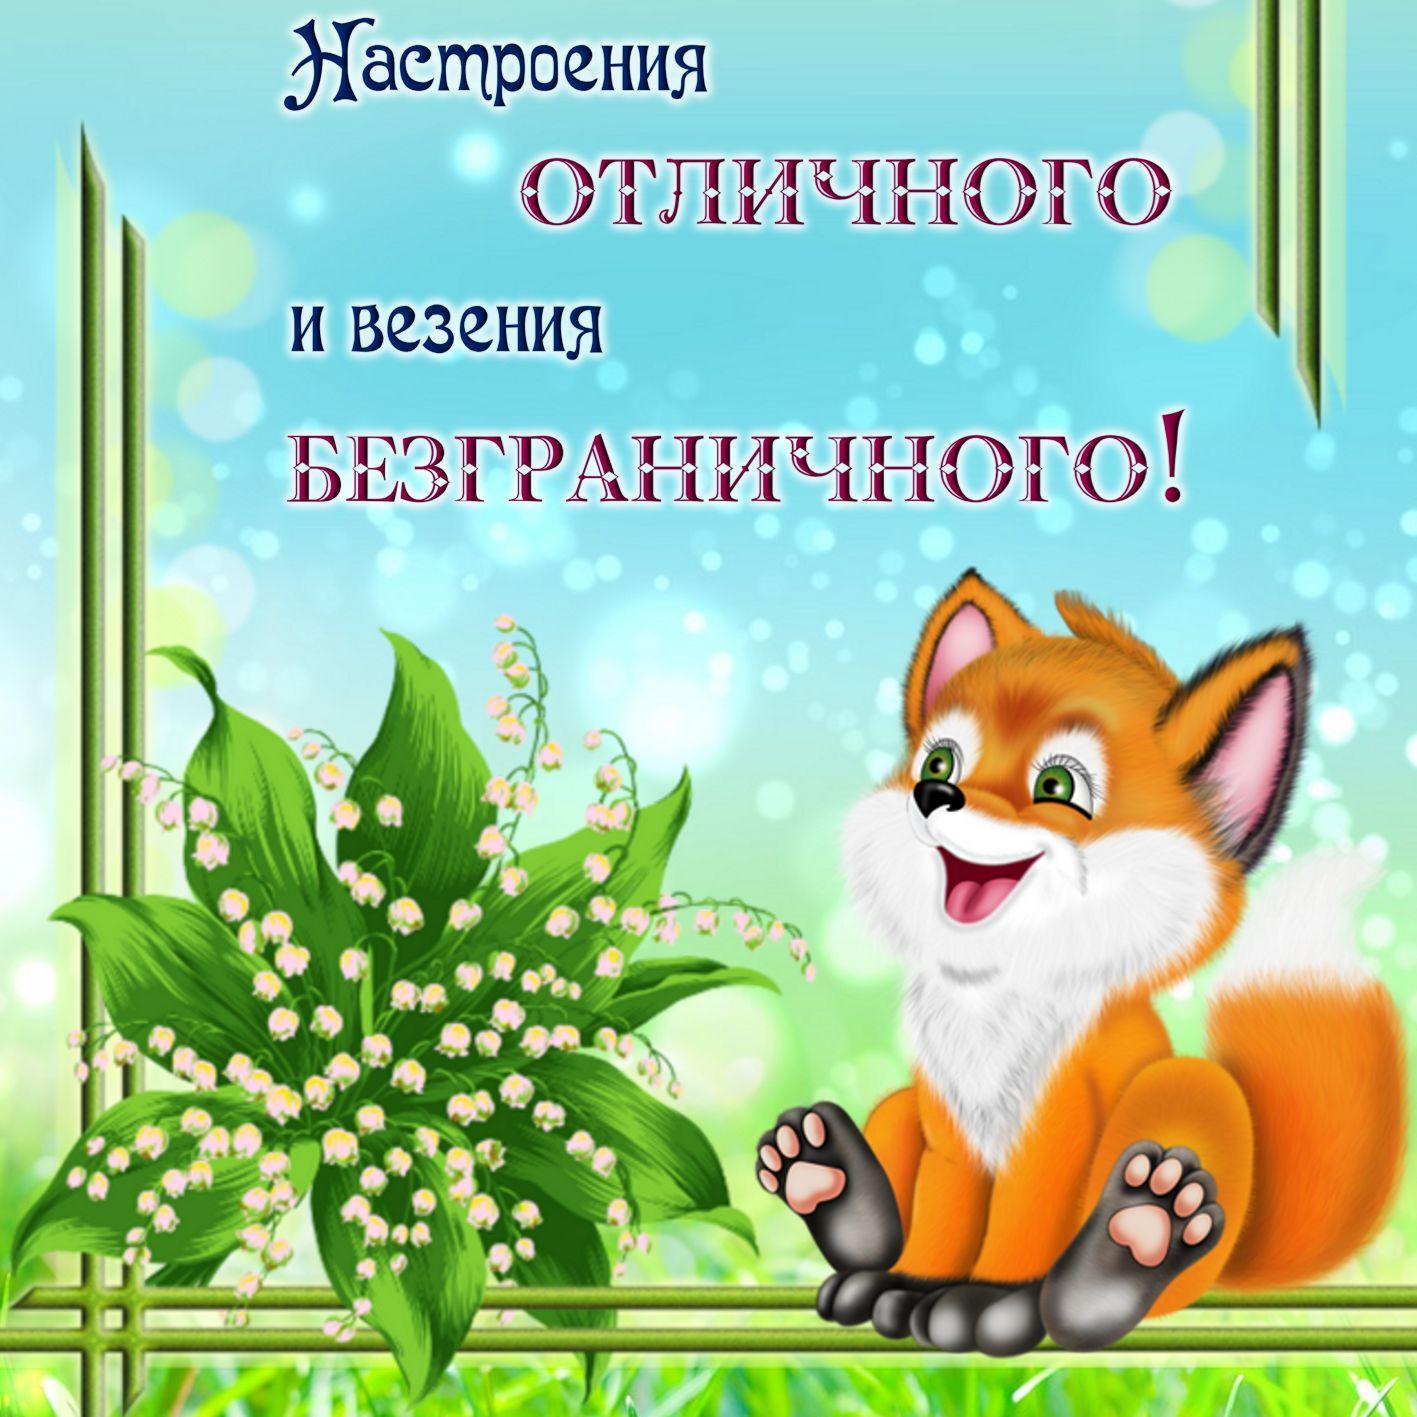 Открытка с пожеланием - весёлый лисёнок на красивом фоне